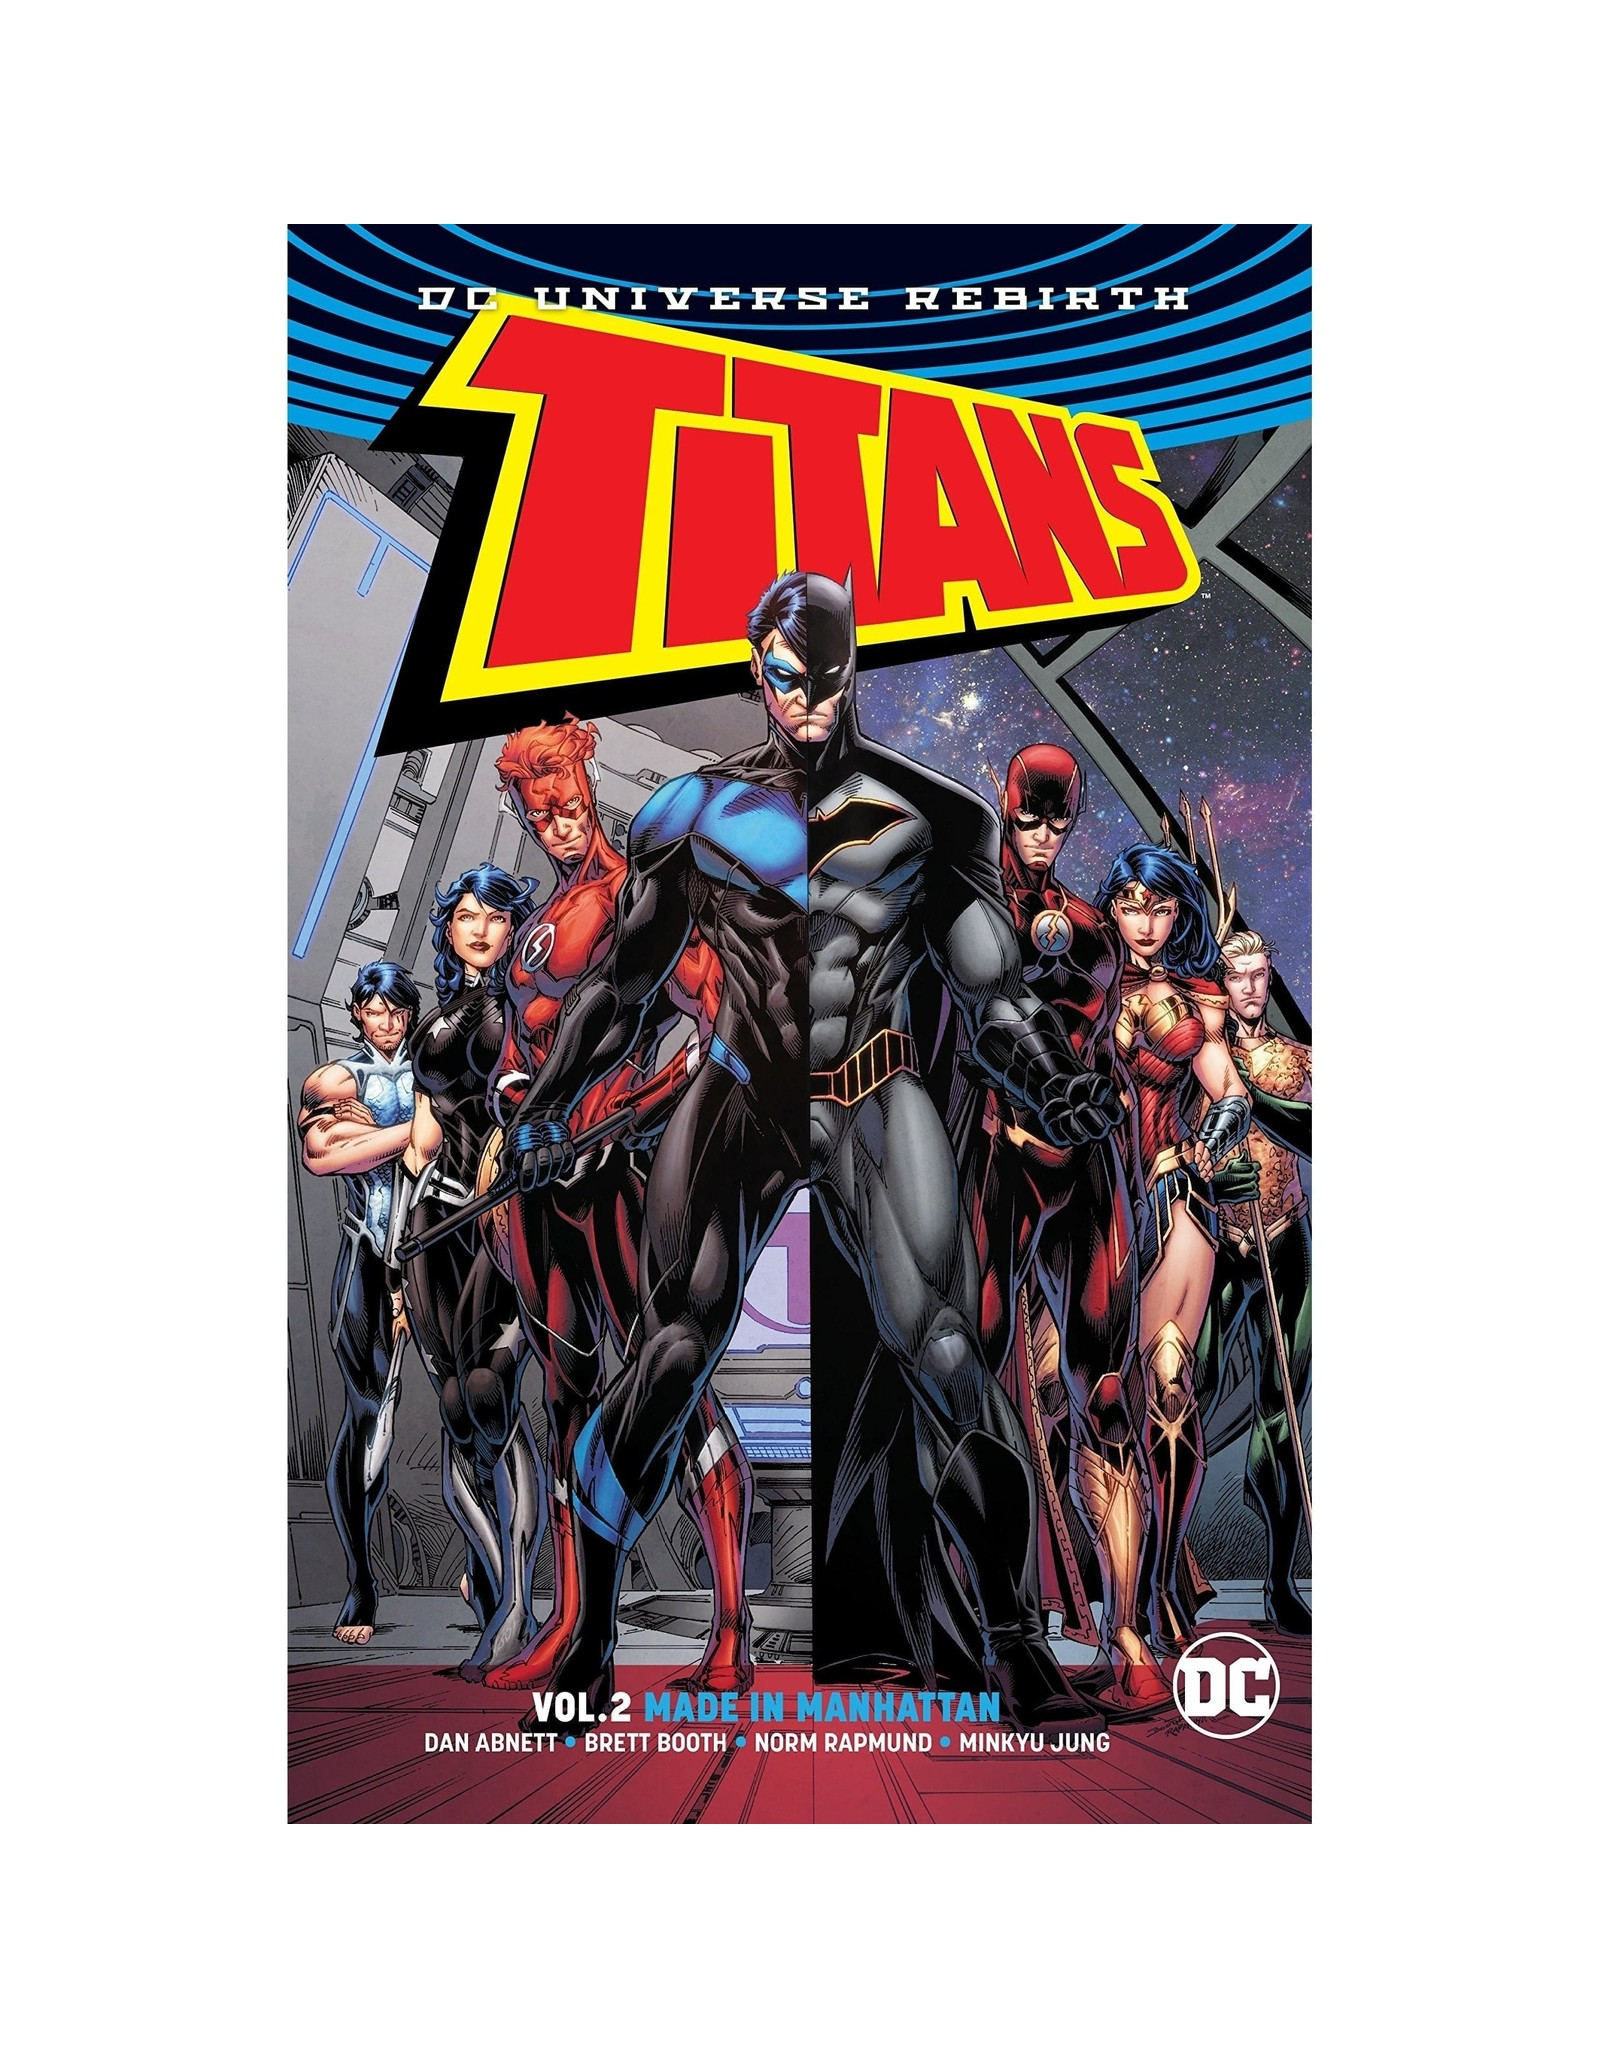 DC COMICS TITANS TP VOL 02 MADE IN MANHATTAN (REBIRTH)